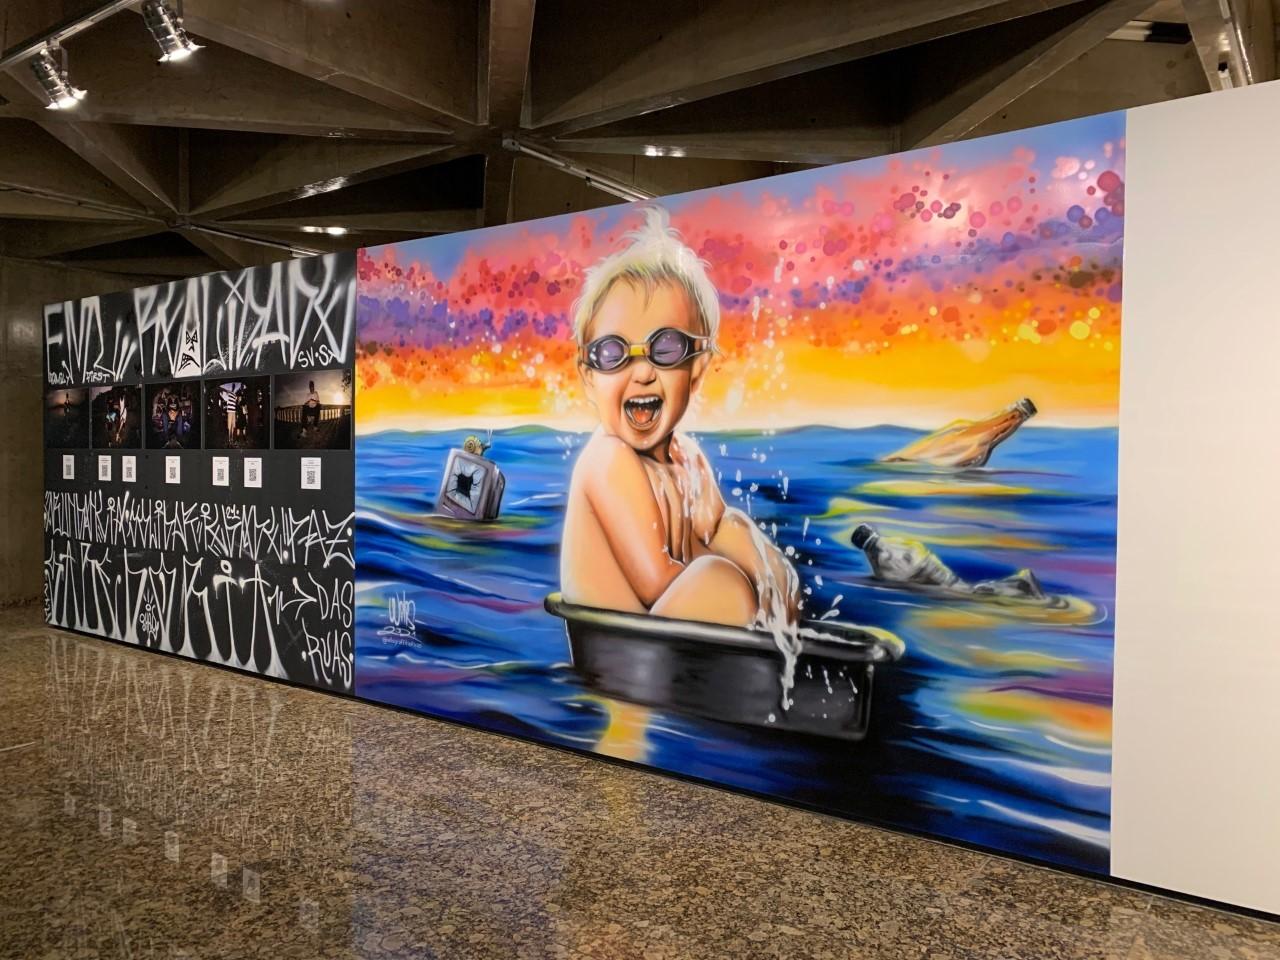 Exposição Portos apresenta obras de 61 artistas da Baixada Santista no Sesc Santos